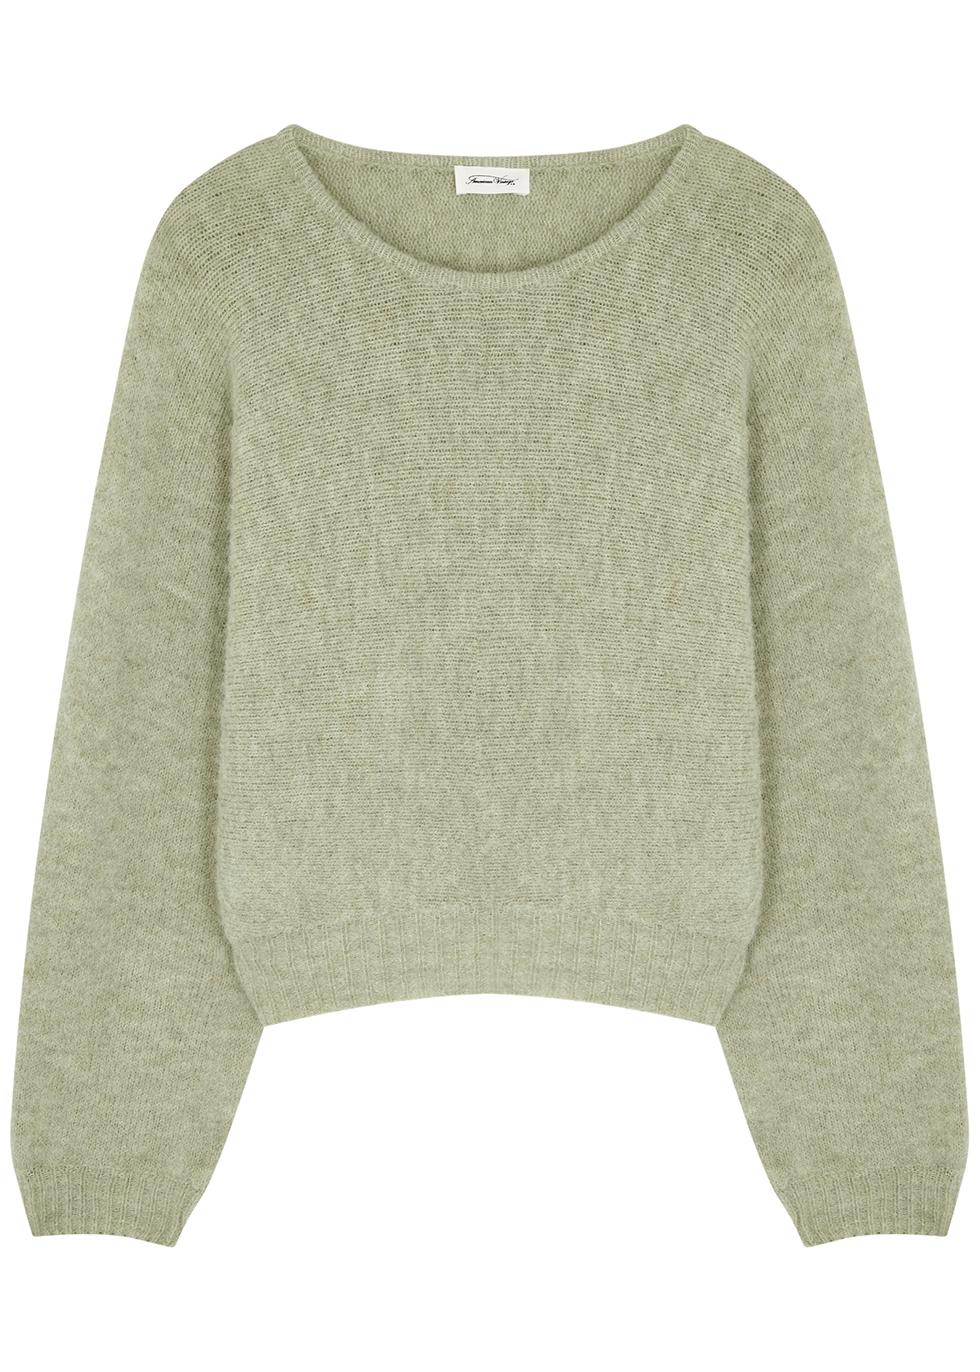 East sage fine-knit jumper